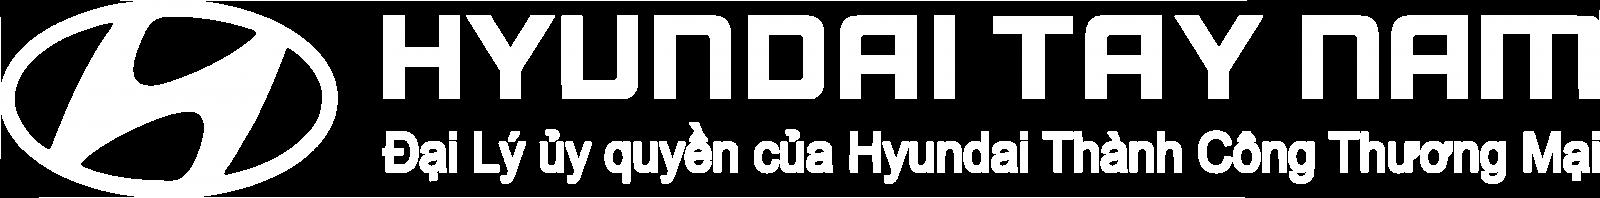 Đại Lý Xe Tải Hyundai Tây Nam - 0907454866